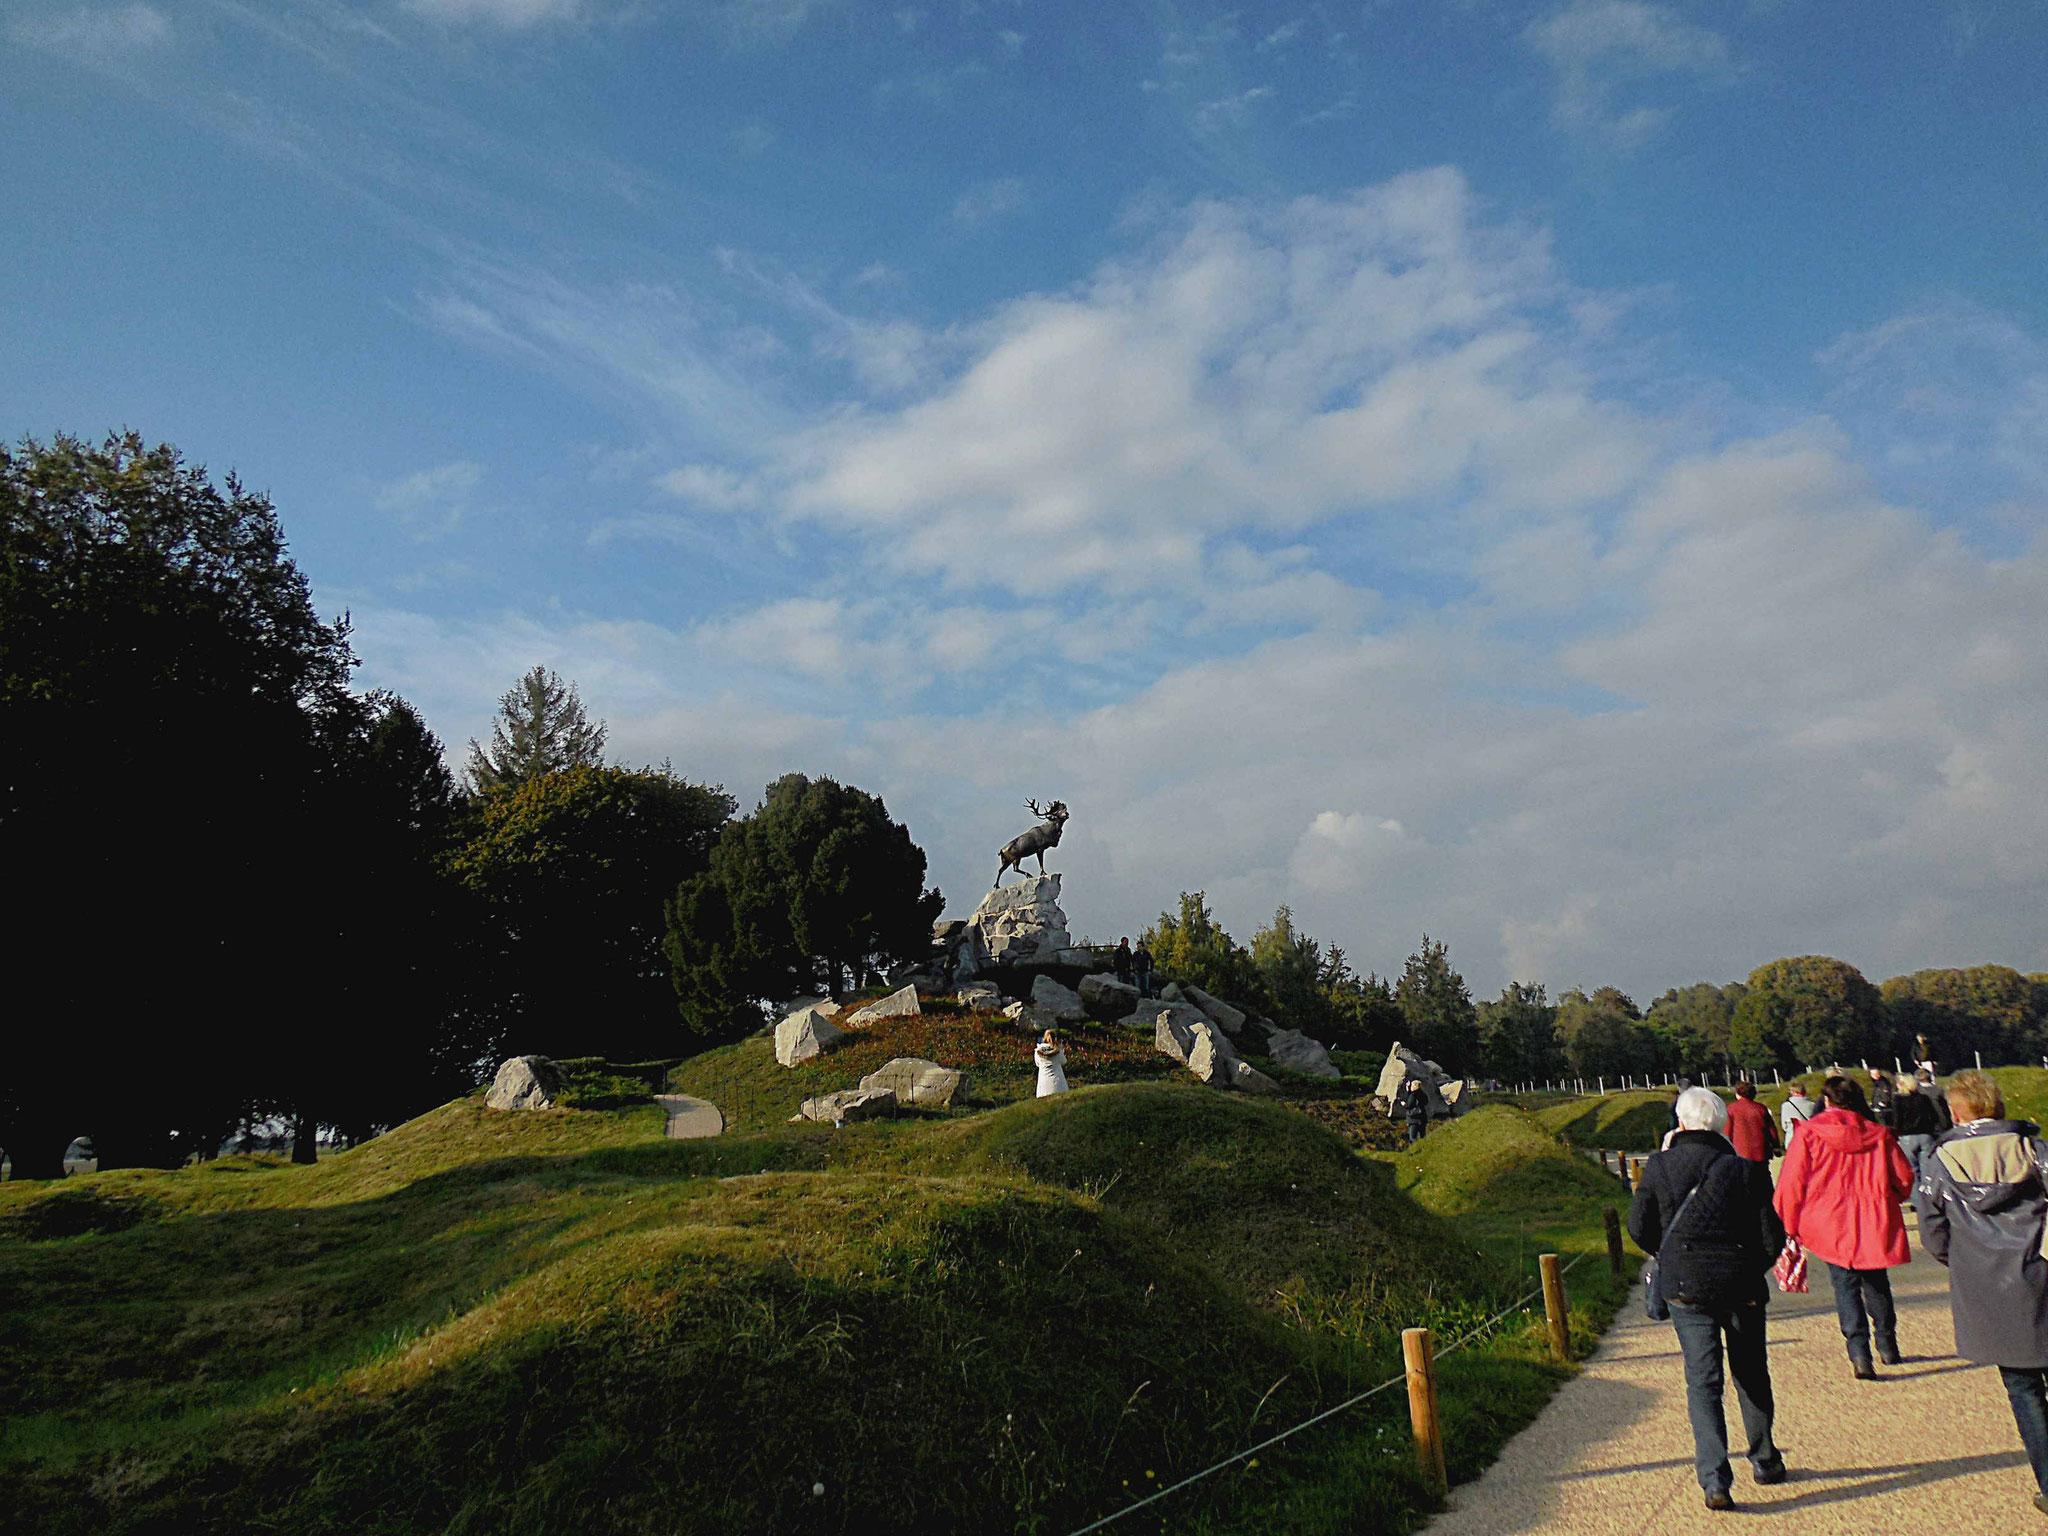 Le rocher du caribou marque le point de départ des assauts du 1er juillet